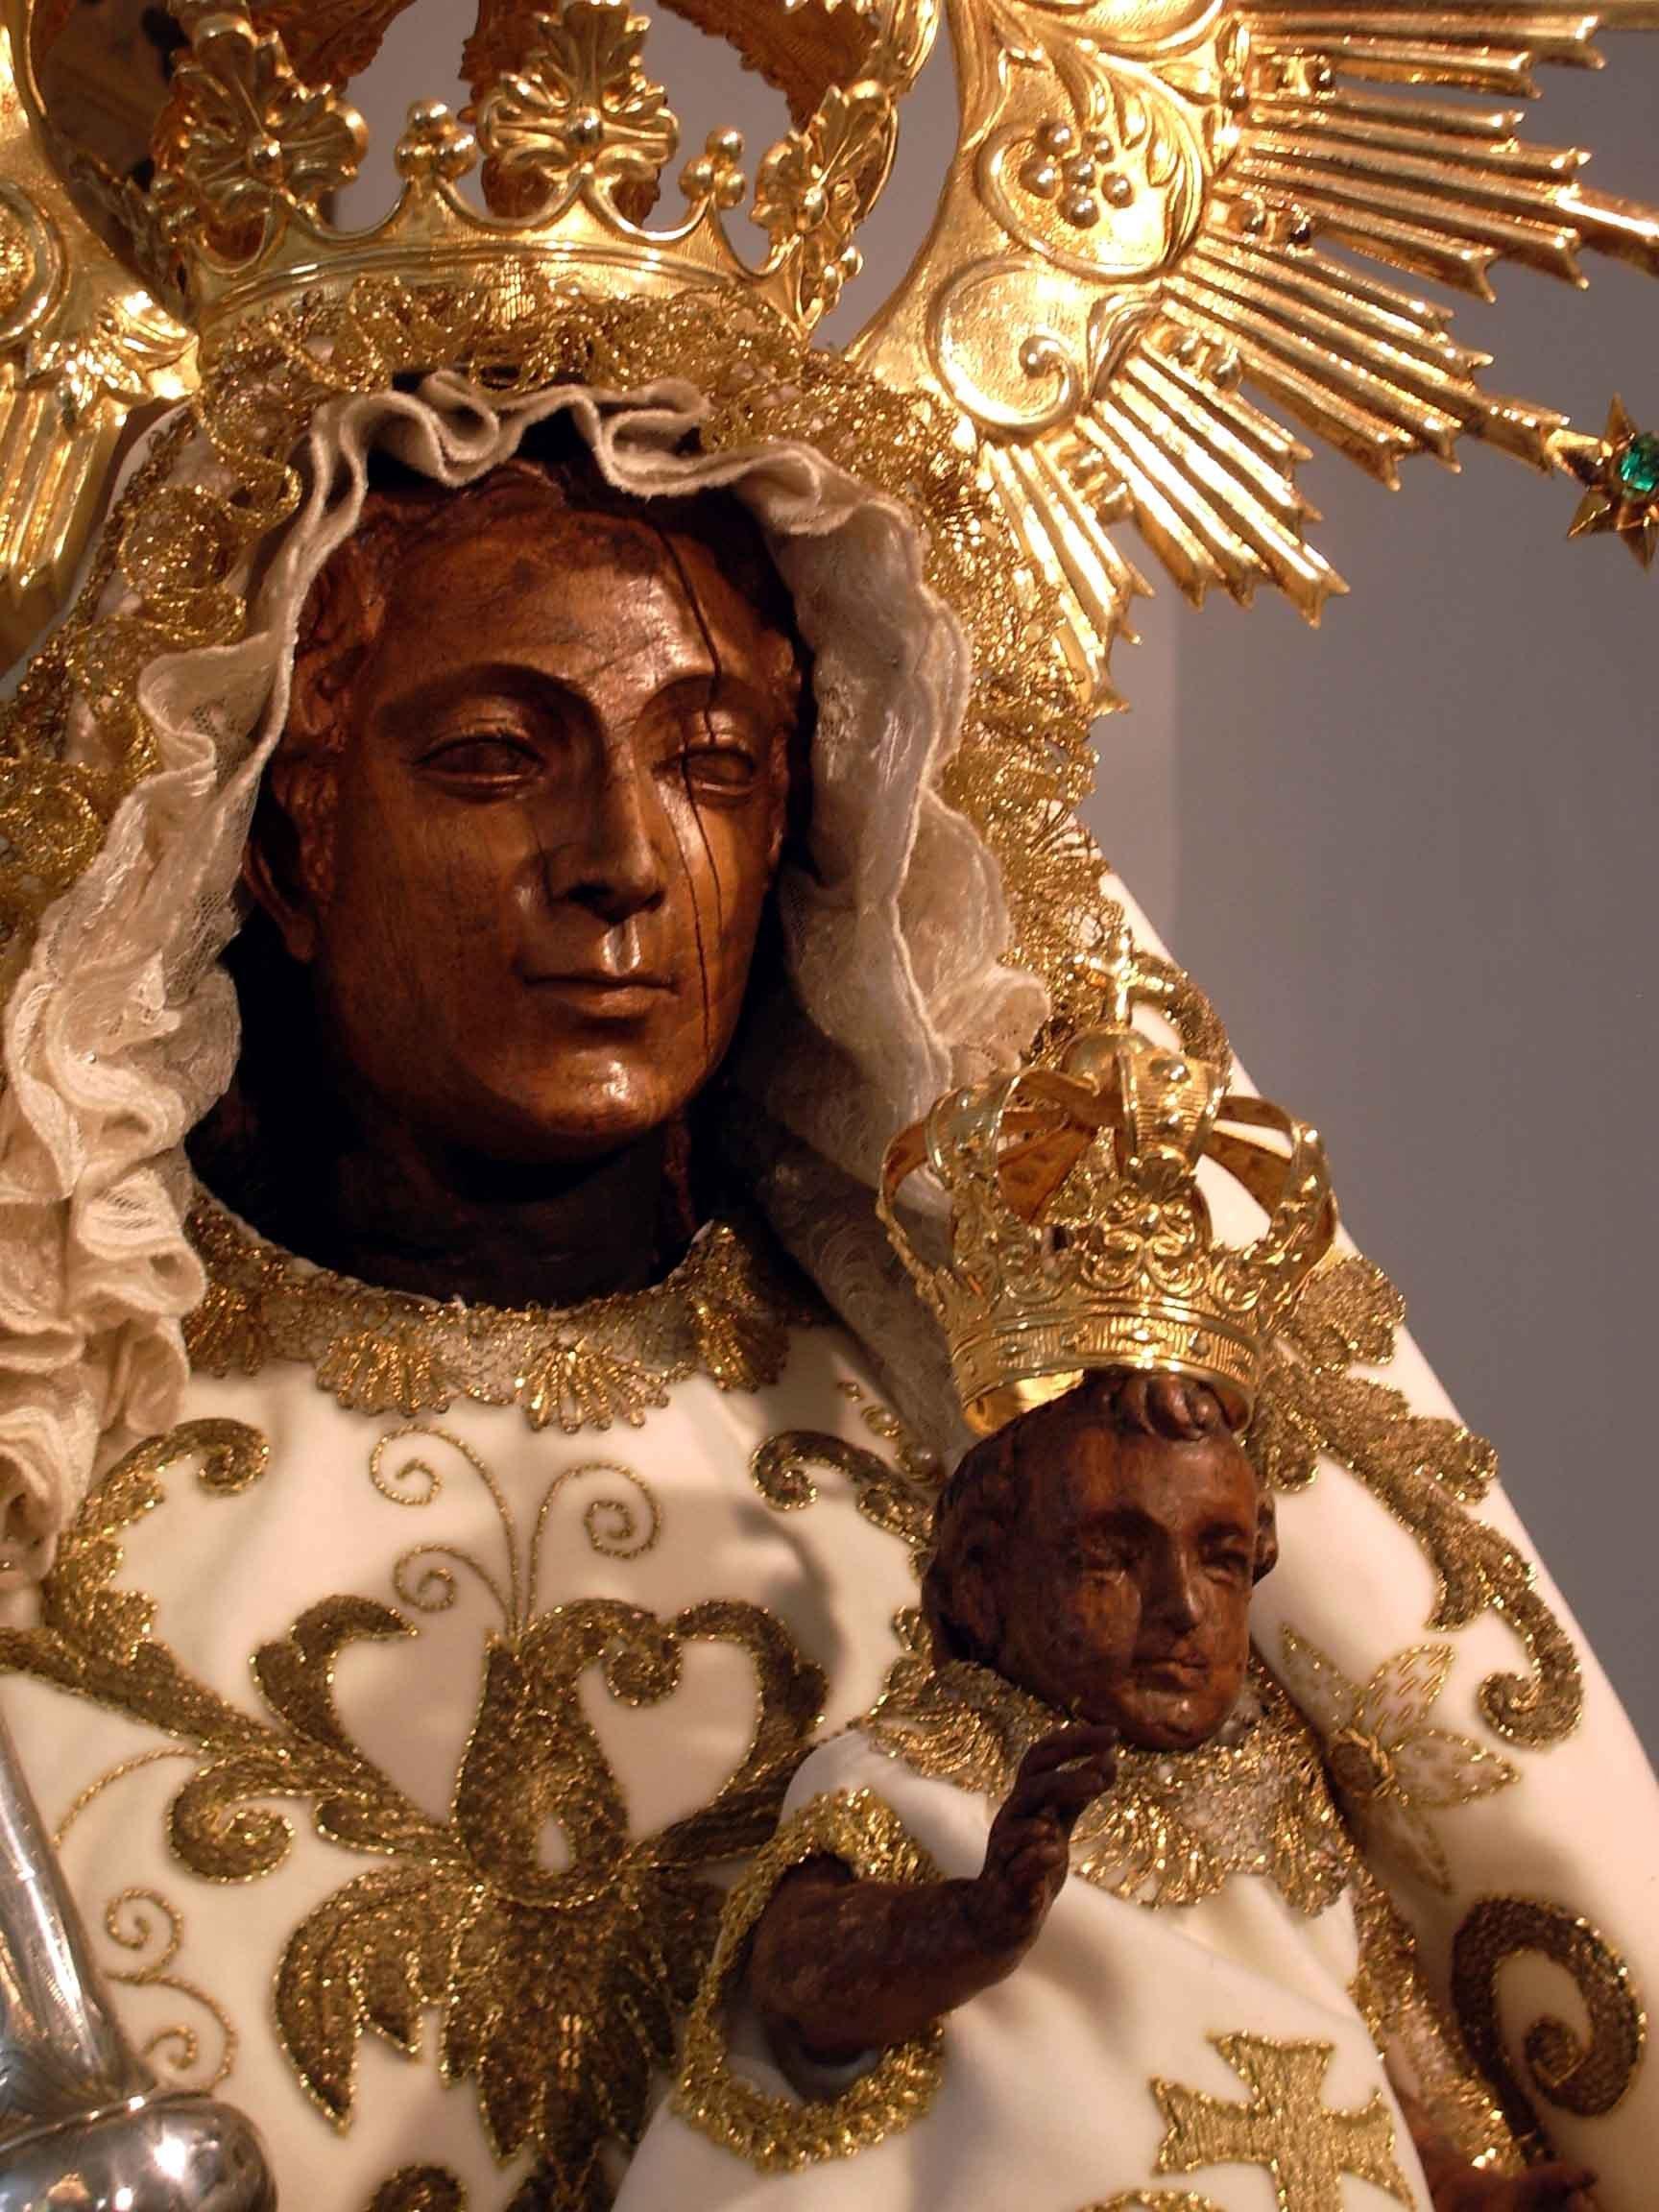 La Virgen del Martirio de la Alpujarra, Recuerda el Martirio por los Moros, España (14 oct)